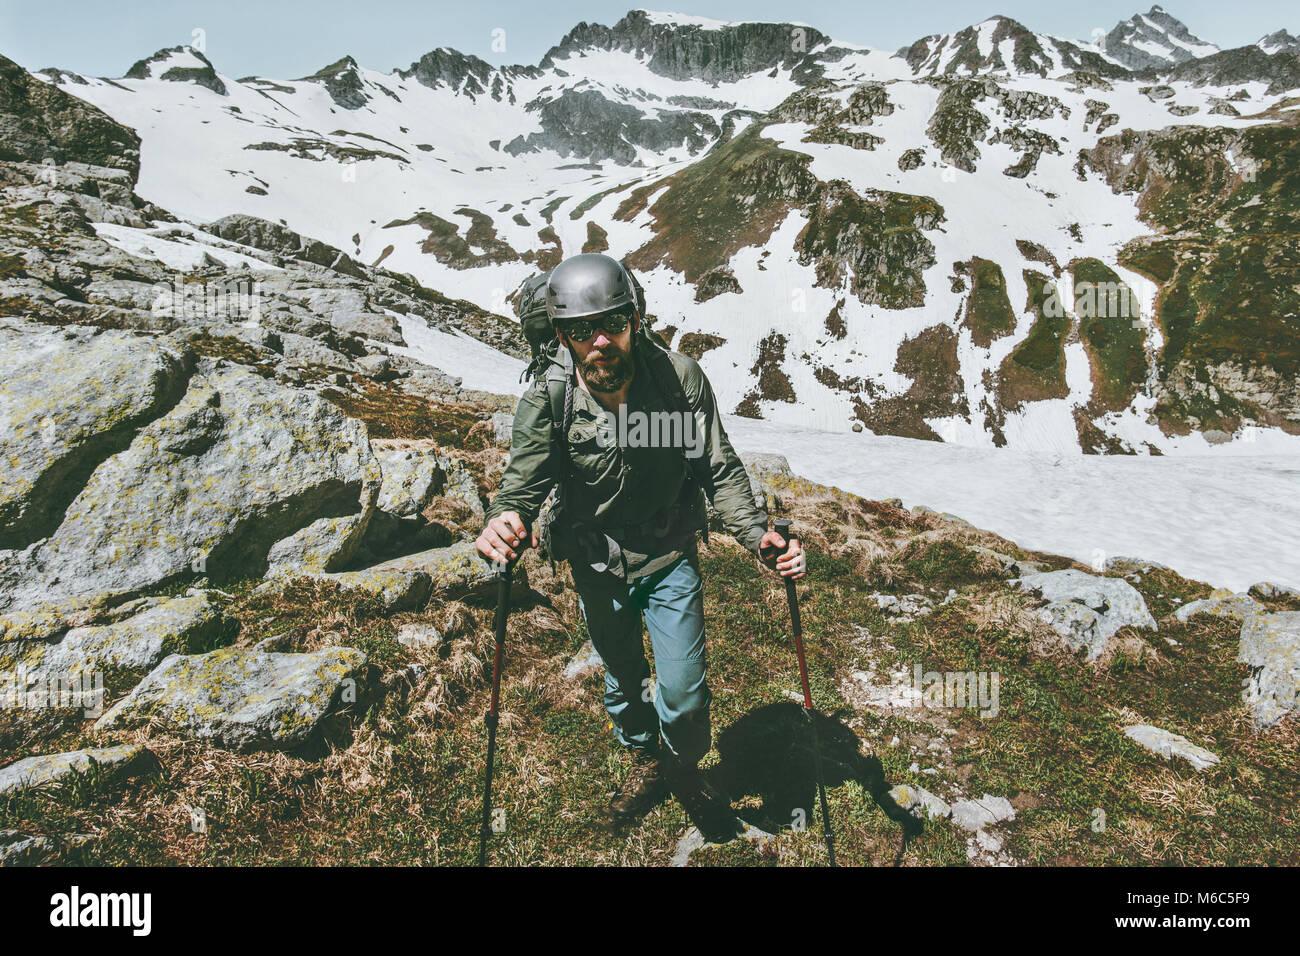 L'uomo viaggiatore con zaino trekking in montagna spedizione la sopravvivenza di viaggio il concetto di stile Immagini Stock